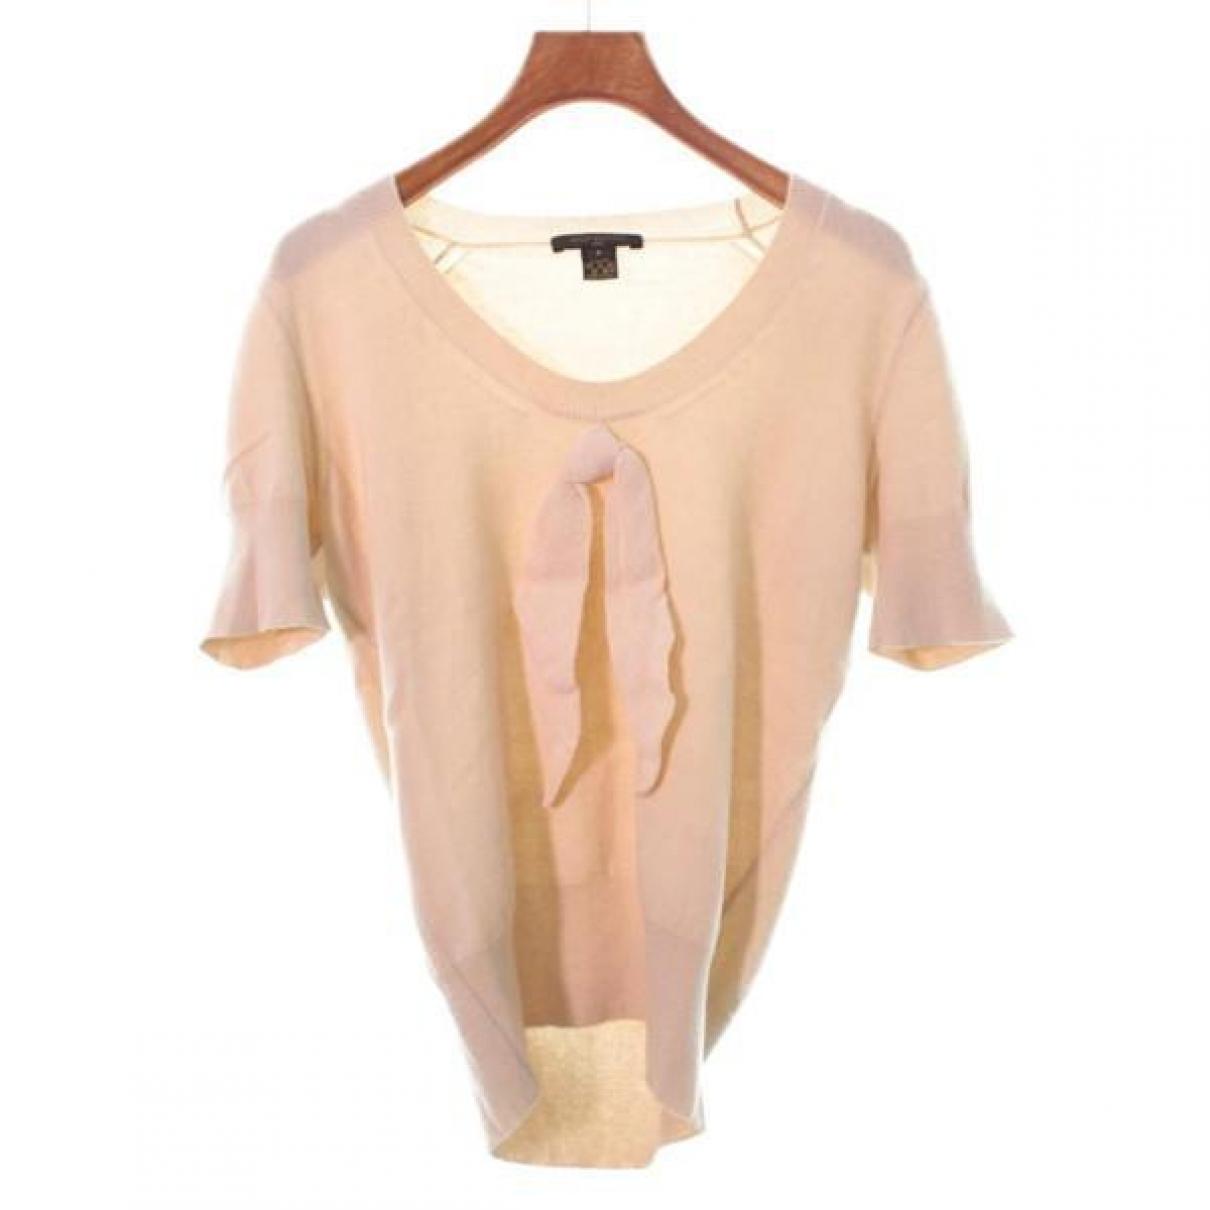 Louis Vuitton - Pull   pour femme en cachemire - beige